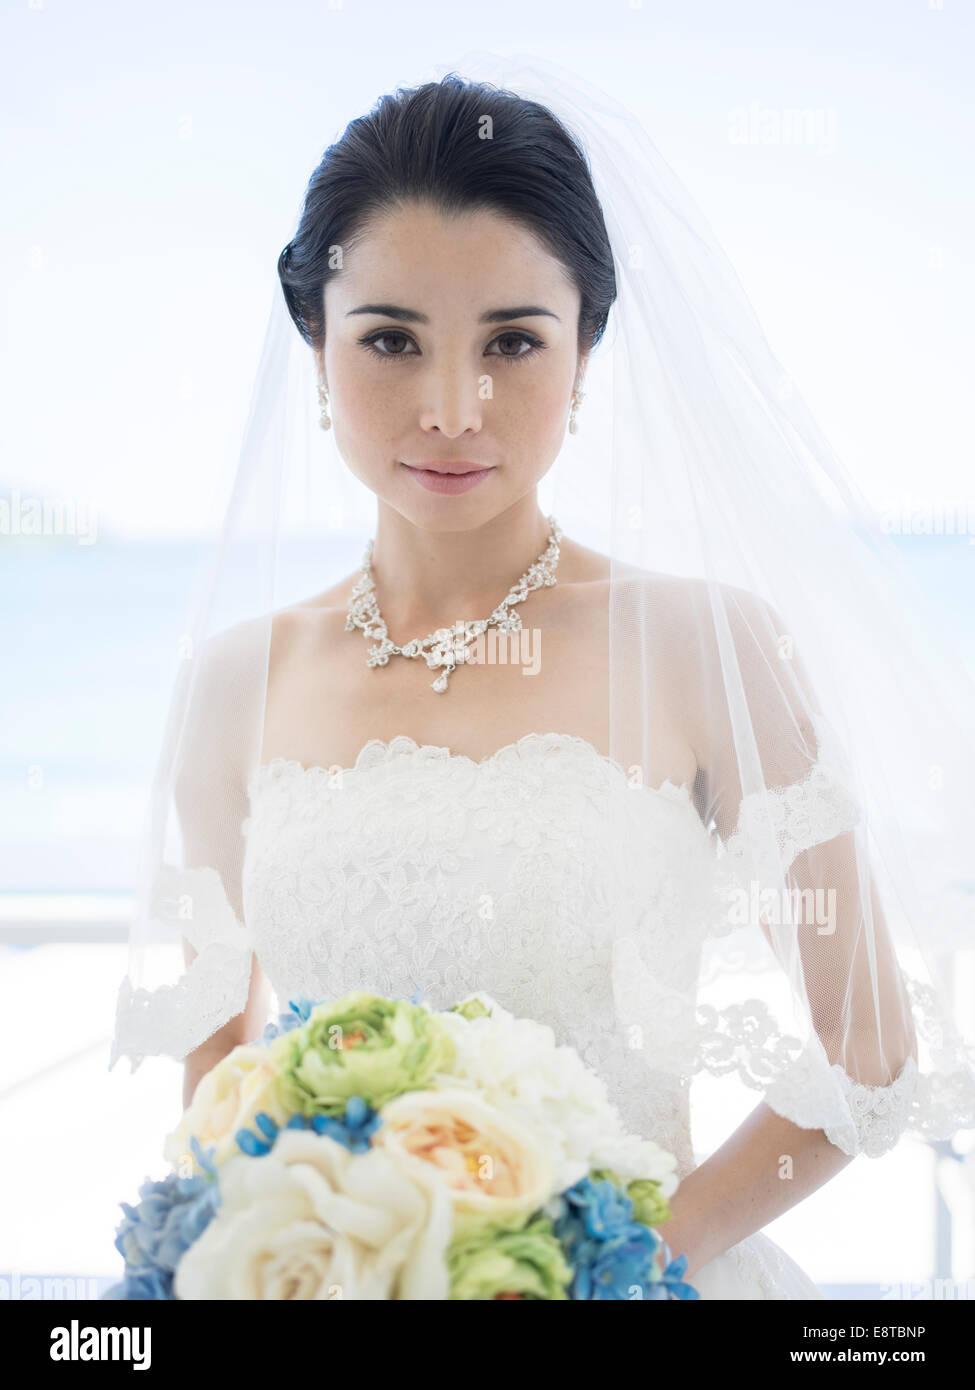 Razza mista, Asian / American sposa in bianco abito da sposa in spiaggia tropicale di nozze di destinazione Immagini Stock